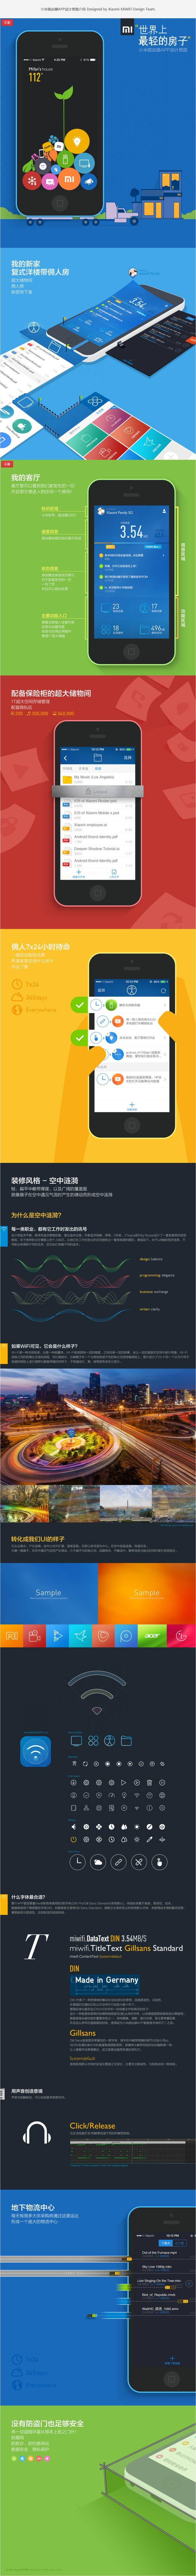 小米路由器APP设计思路-UI中国-专业...